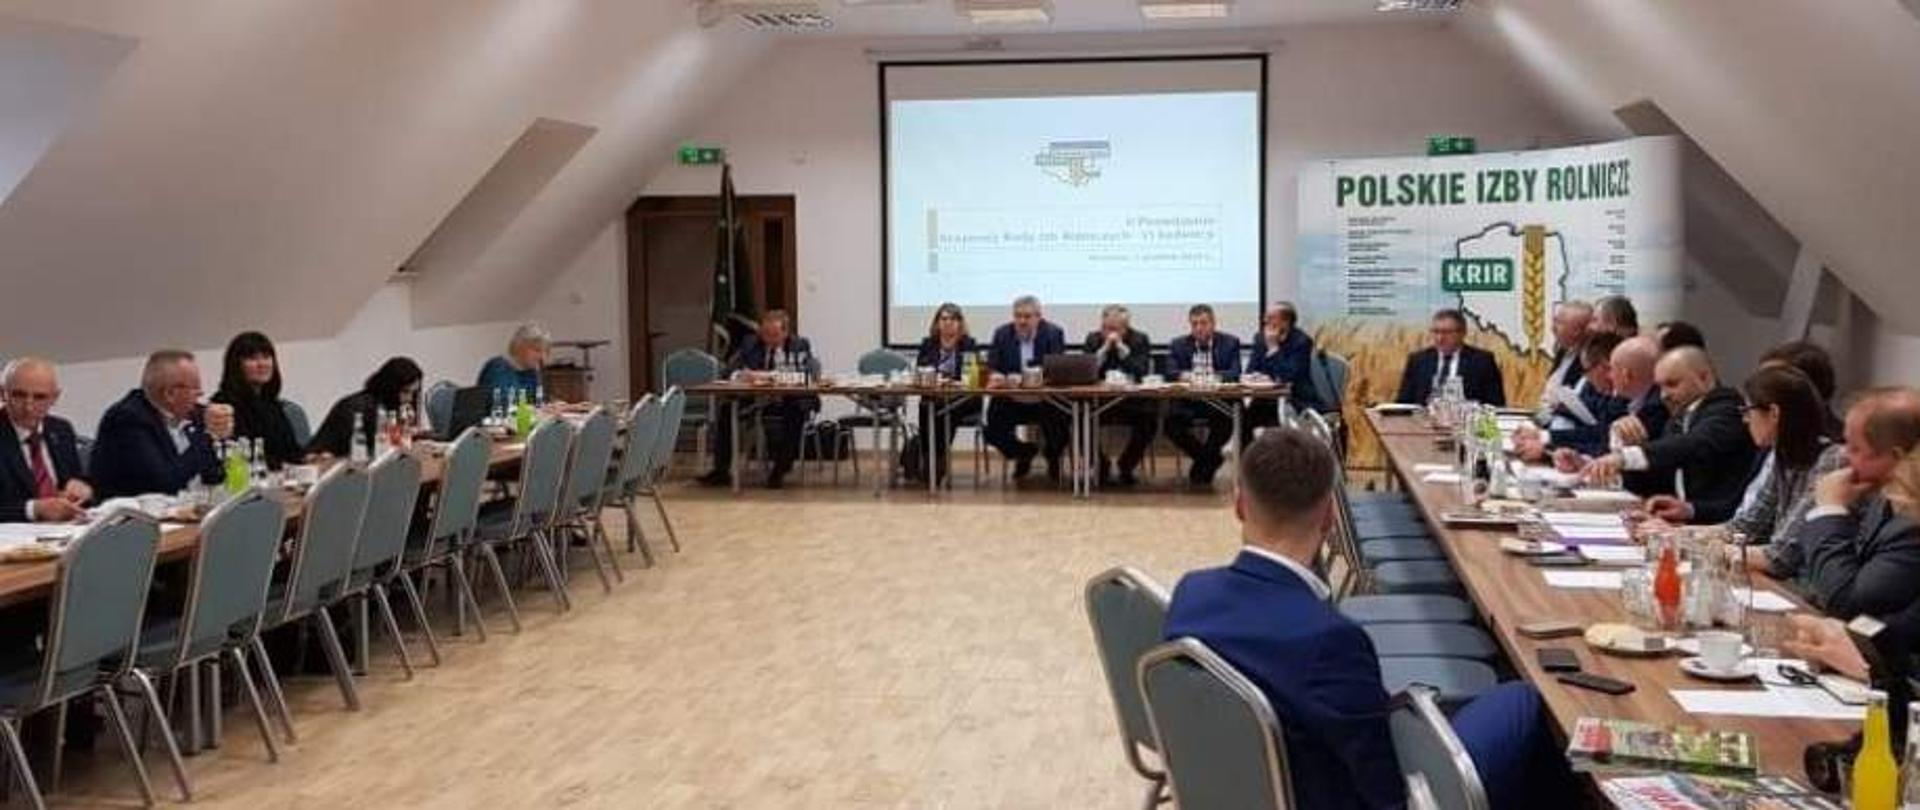 Teraz jest czas, aby wspólnie reformować polska wieś